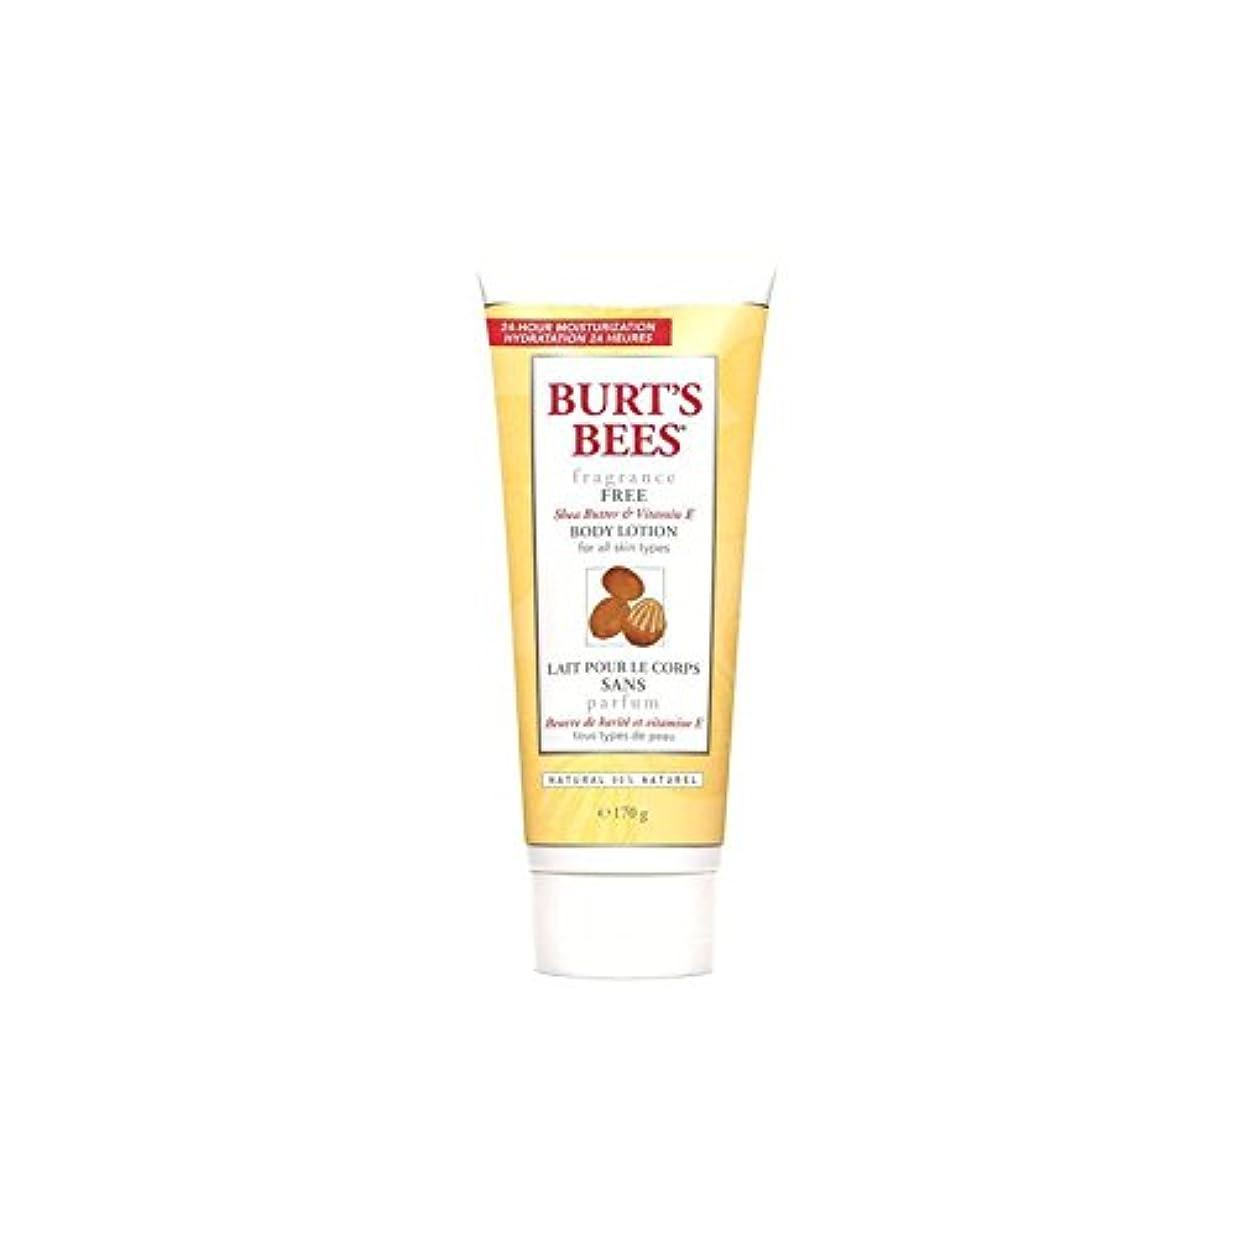 オートコーンウォール農学バーツビーボディローション - 無香料6オンス x2 - Burt's Bees Body Lotion - Fragrance Free 6fl oz (Pack of 2) [並行輸入品]